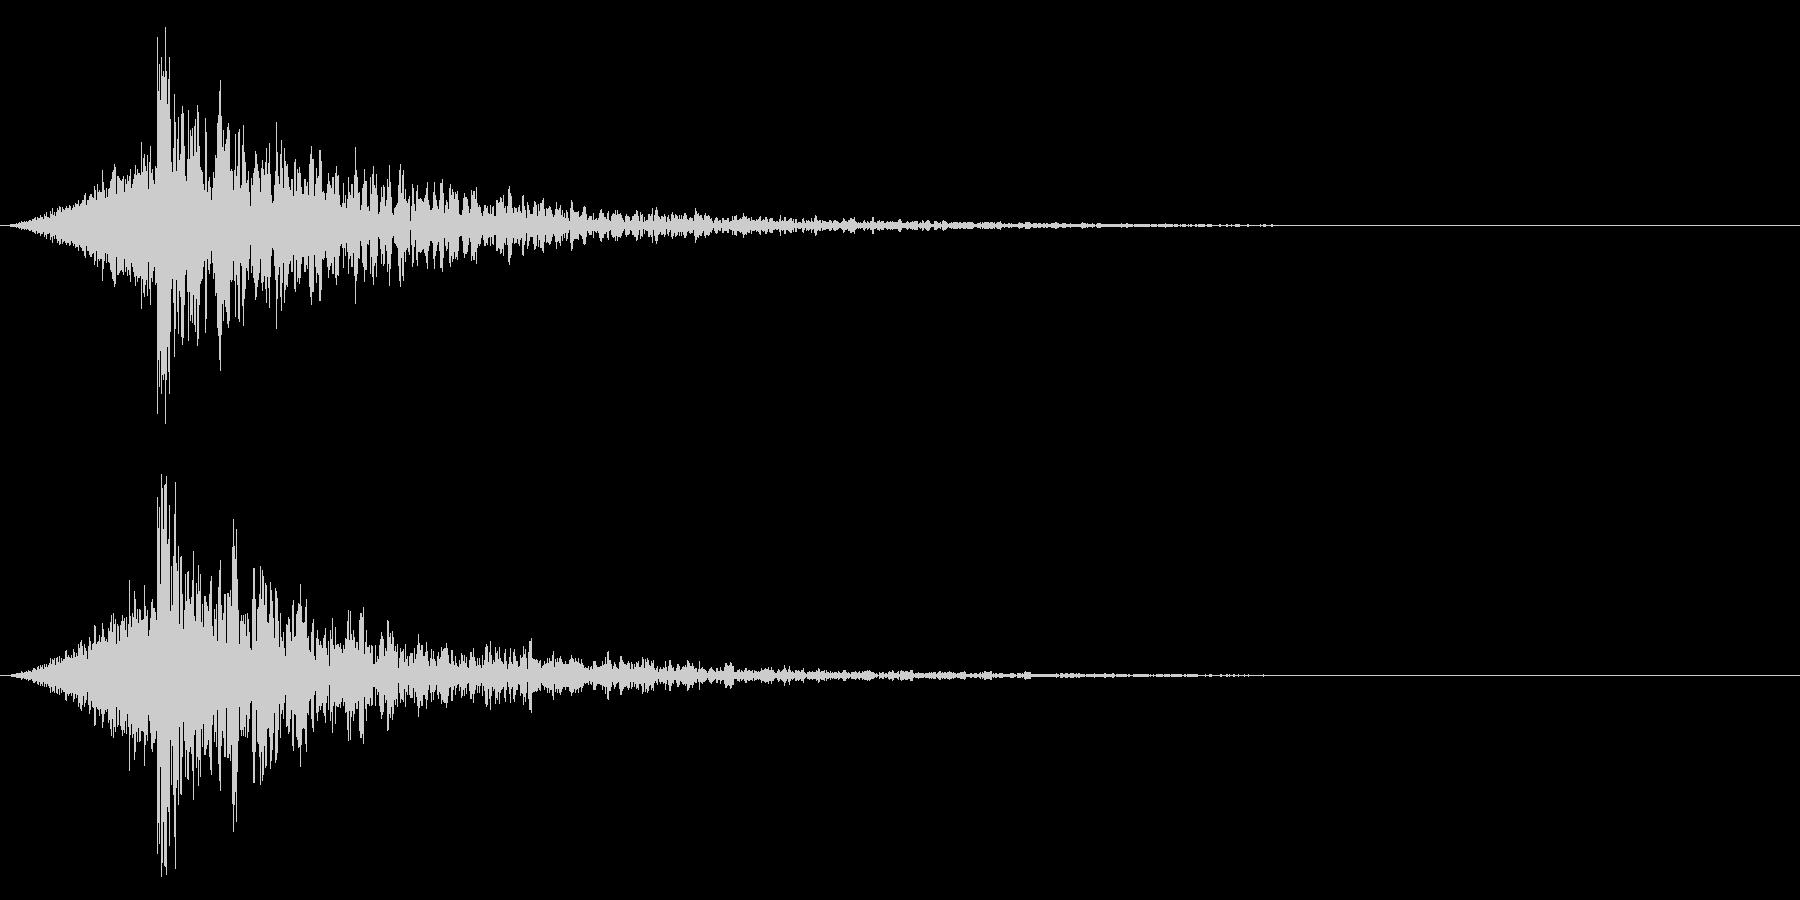 シュードーン-20-4(インパクト音)の未再生の波形